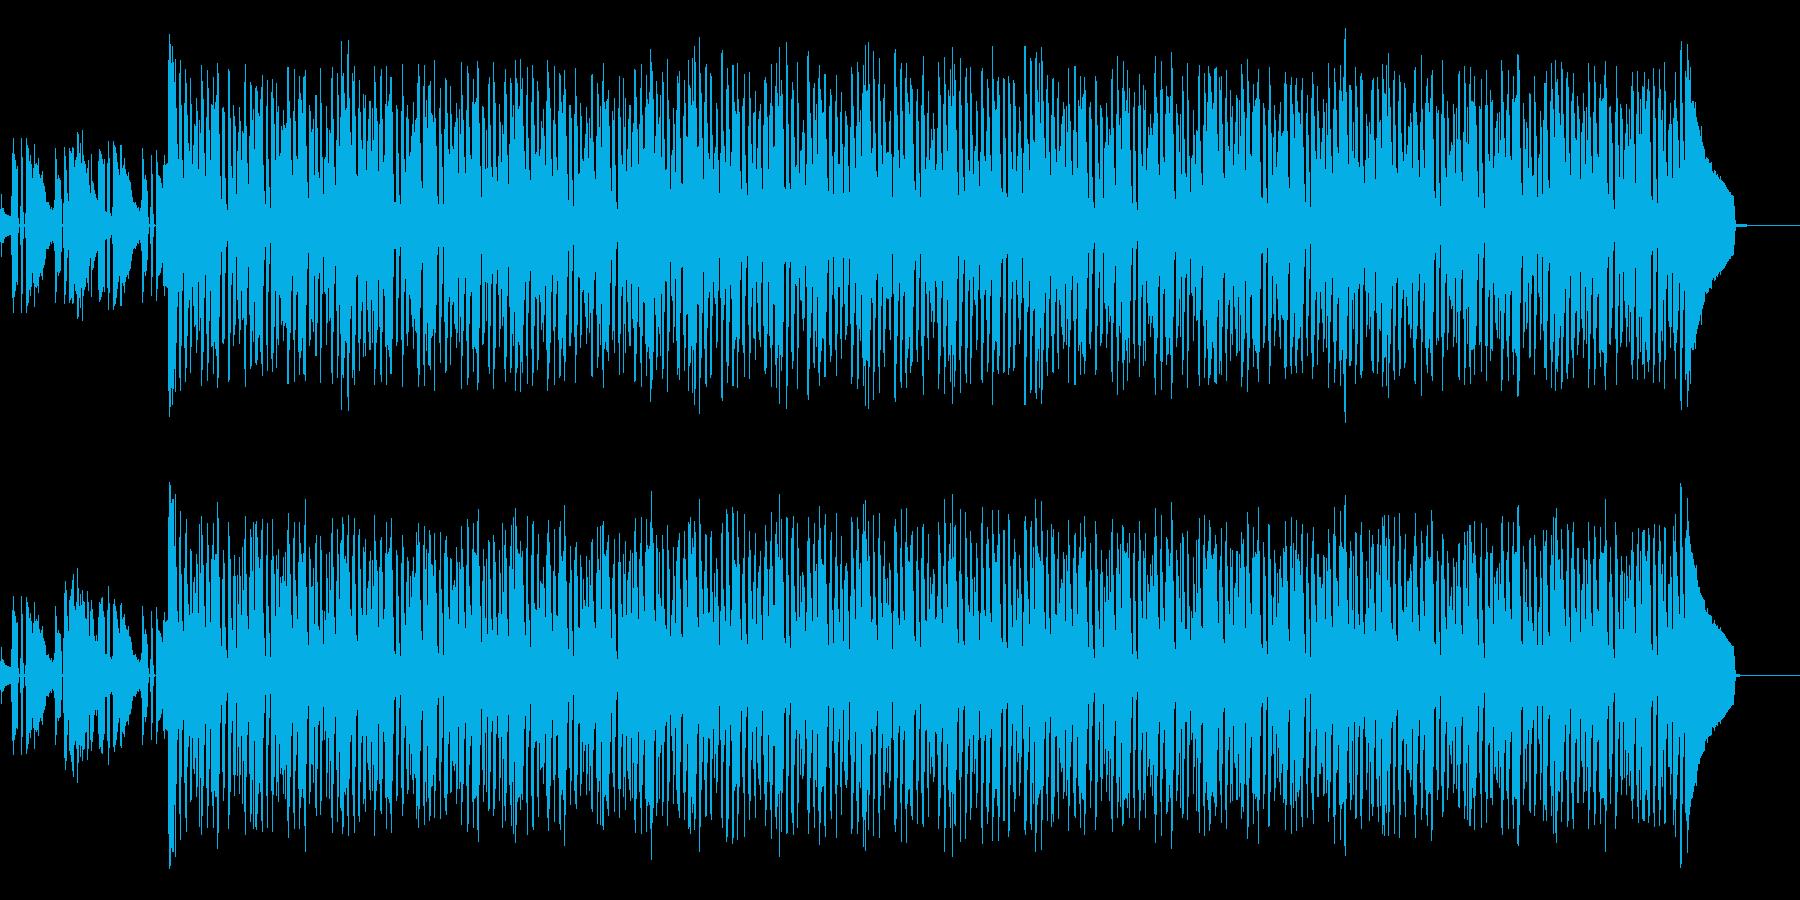 シンプルなバンドアンサンブルのバッキングの再生済みの波形